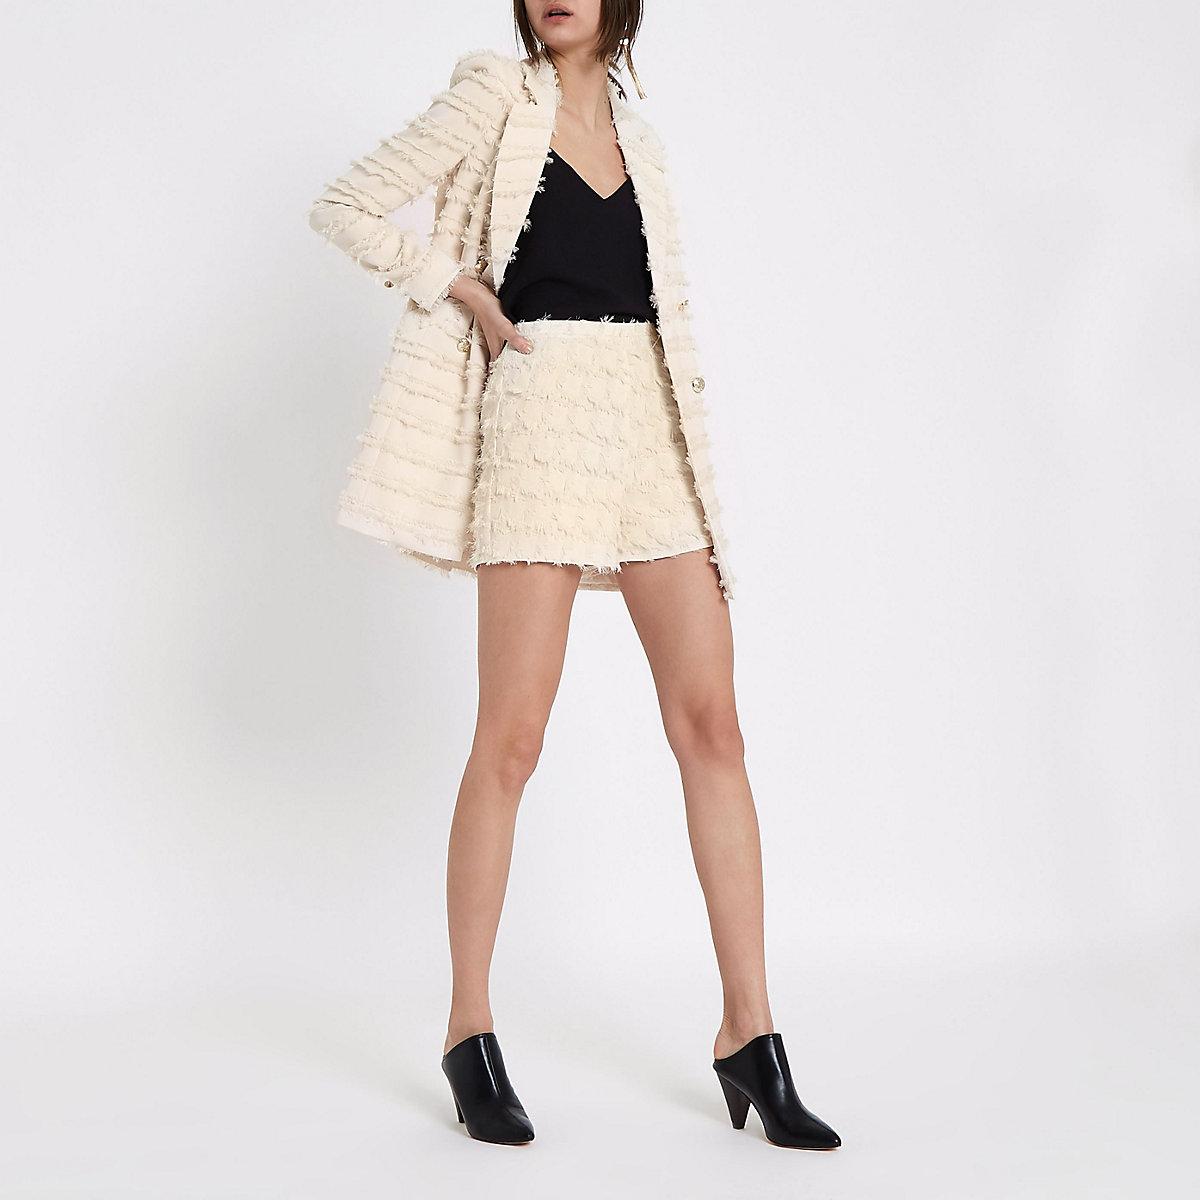 Cream fringe detail high waisted shorts